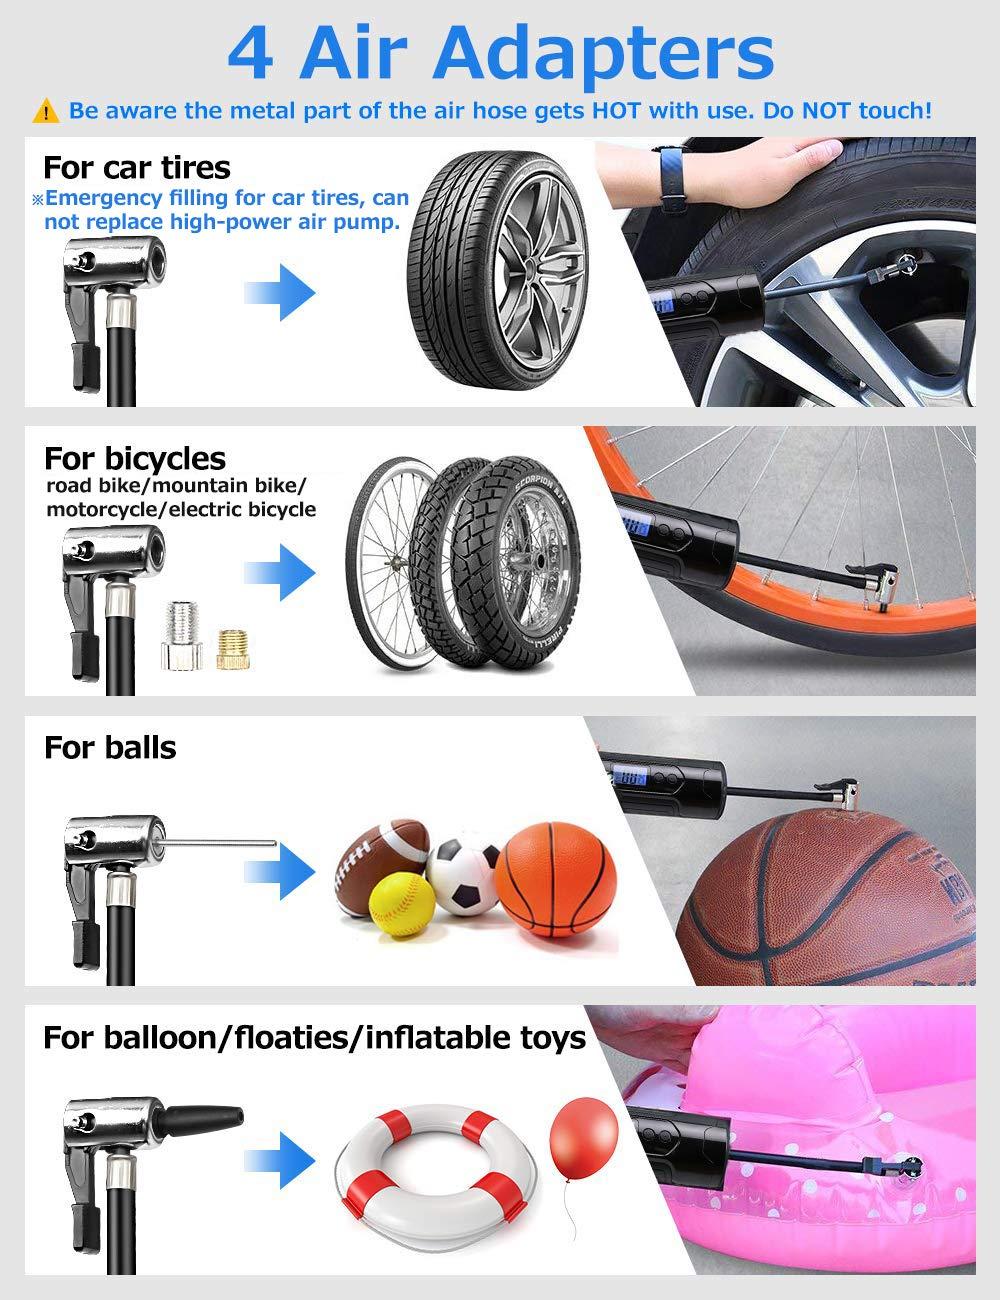 Compressore Aria Portatile Auto Mini Pompa Elettrica Ricaricabile 150PSI 1000mAh*3pcs con schermo LCD luce LED 4 Adattatori per Auto Biciclette Palloni Anello di Nuoto e Giocattoli Gonfiabili